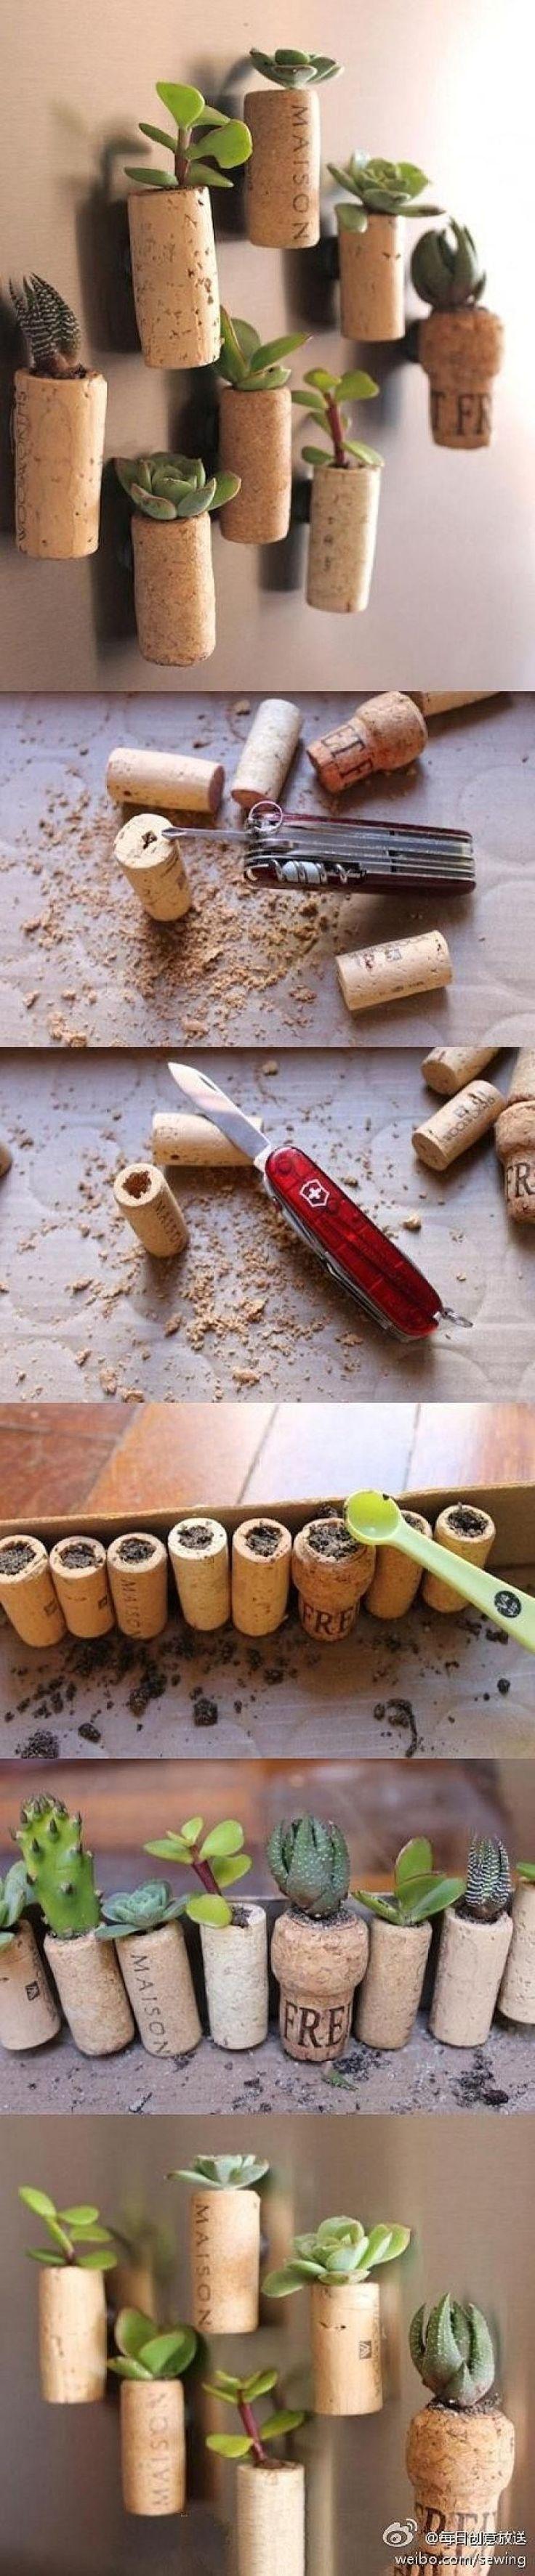 Vous avez des bouchons de liège à recycler ? Ces 33 idées devraient vous plaire !